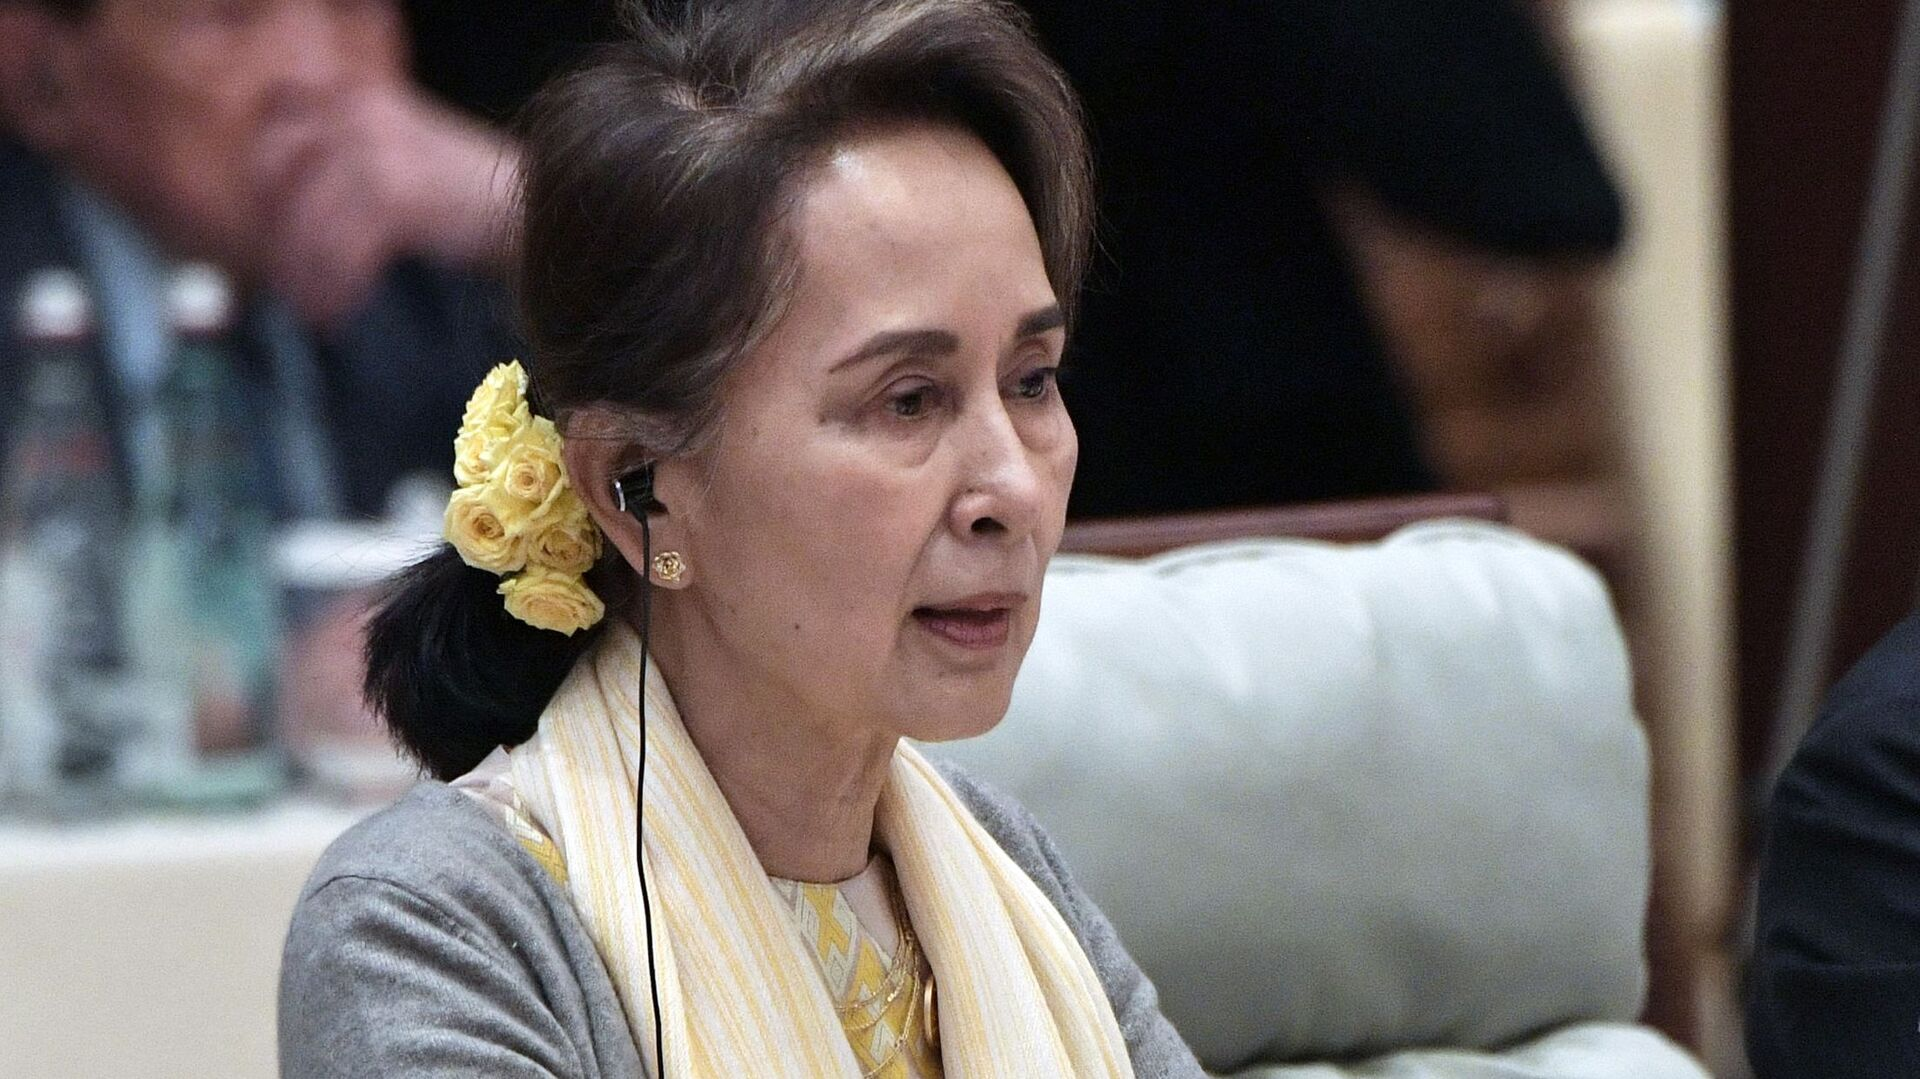 Aung San Suu Kyi, Consigliere di Stato di Myanmar - Sputnik Italia, 1920, 28.06.2021